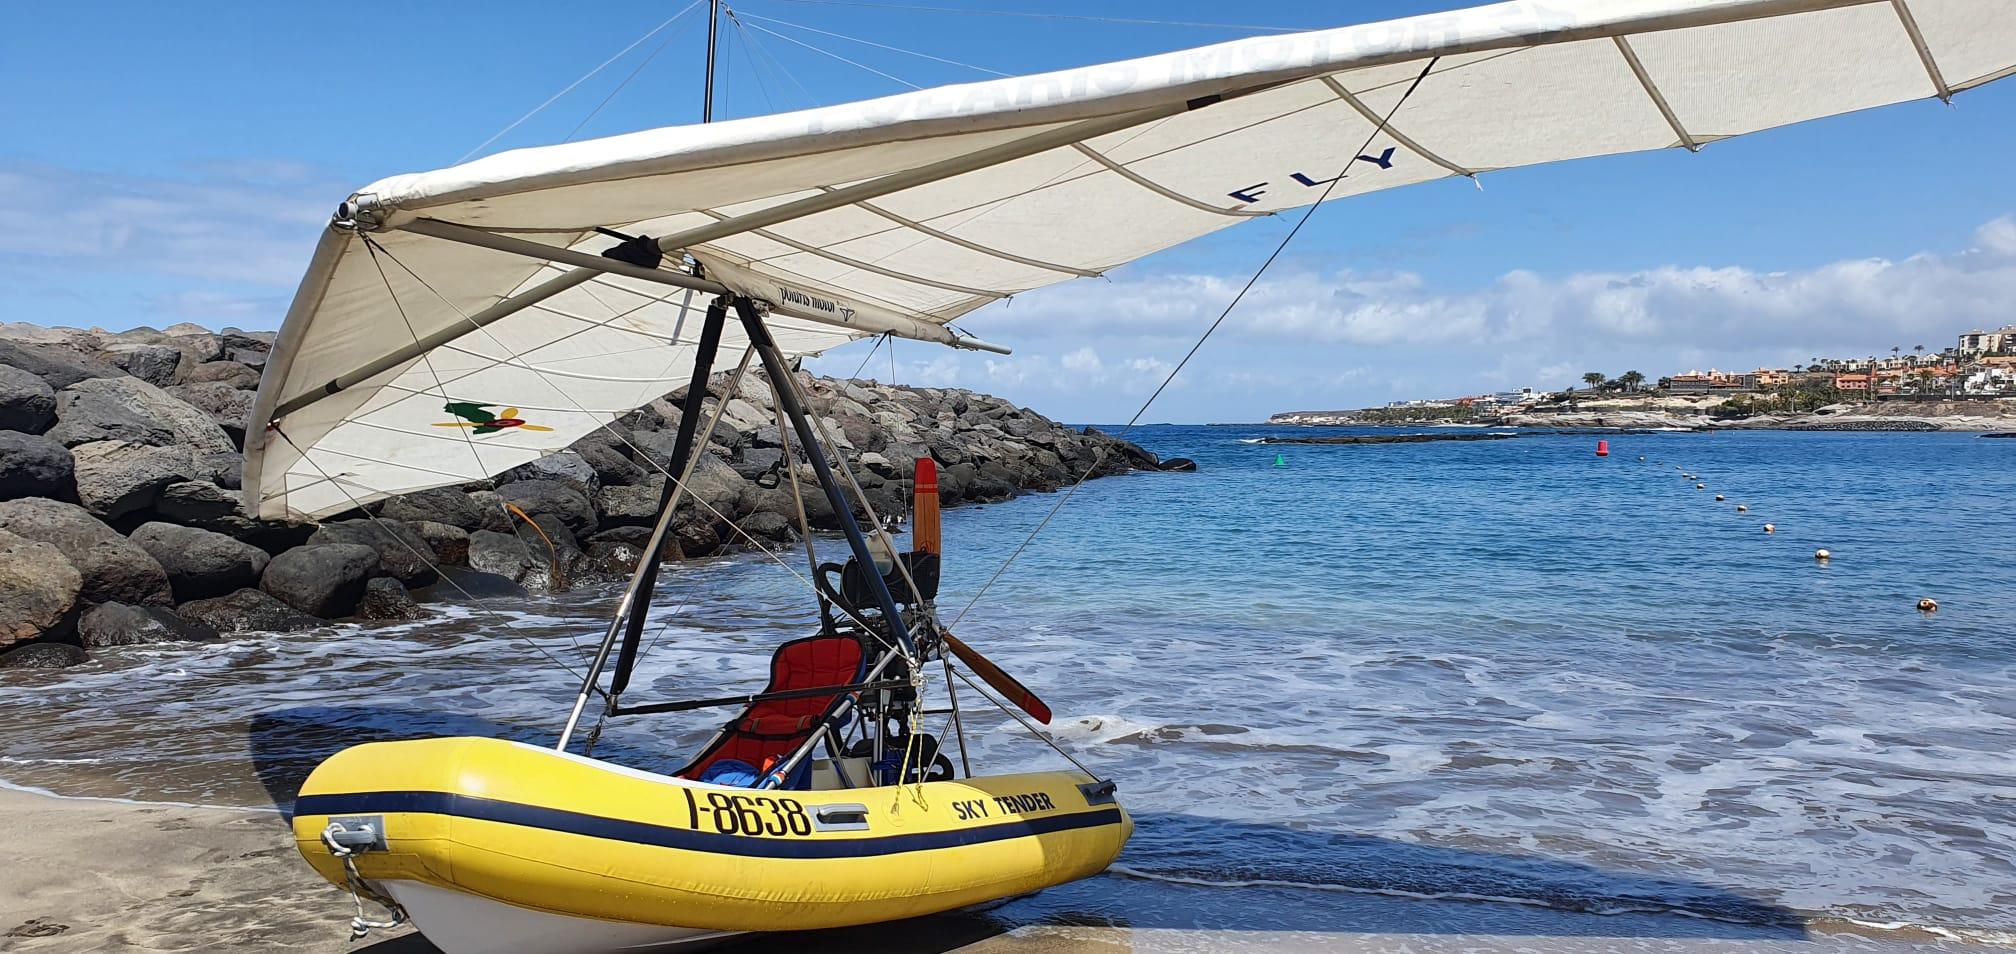 bateau volant sur la plage